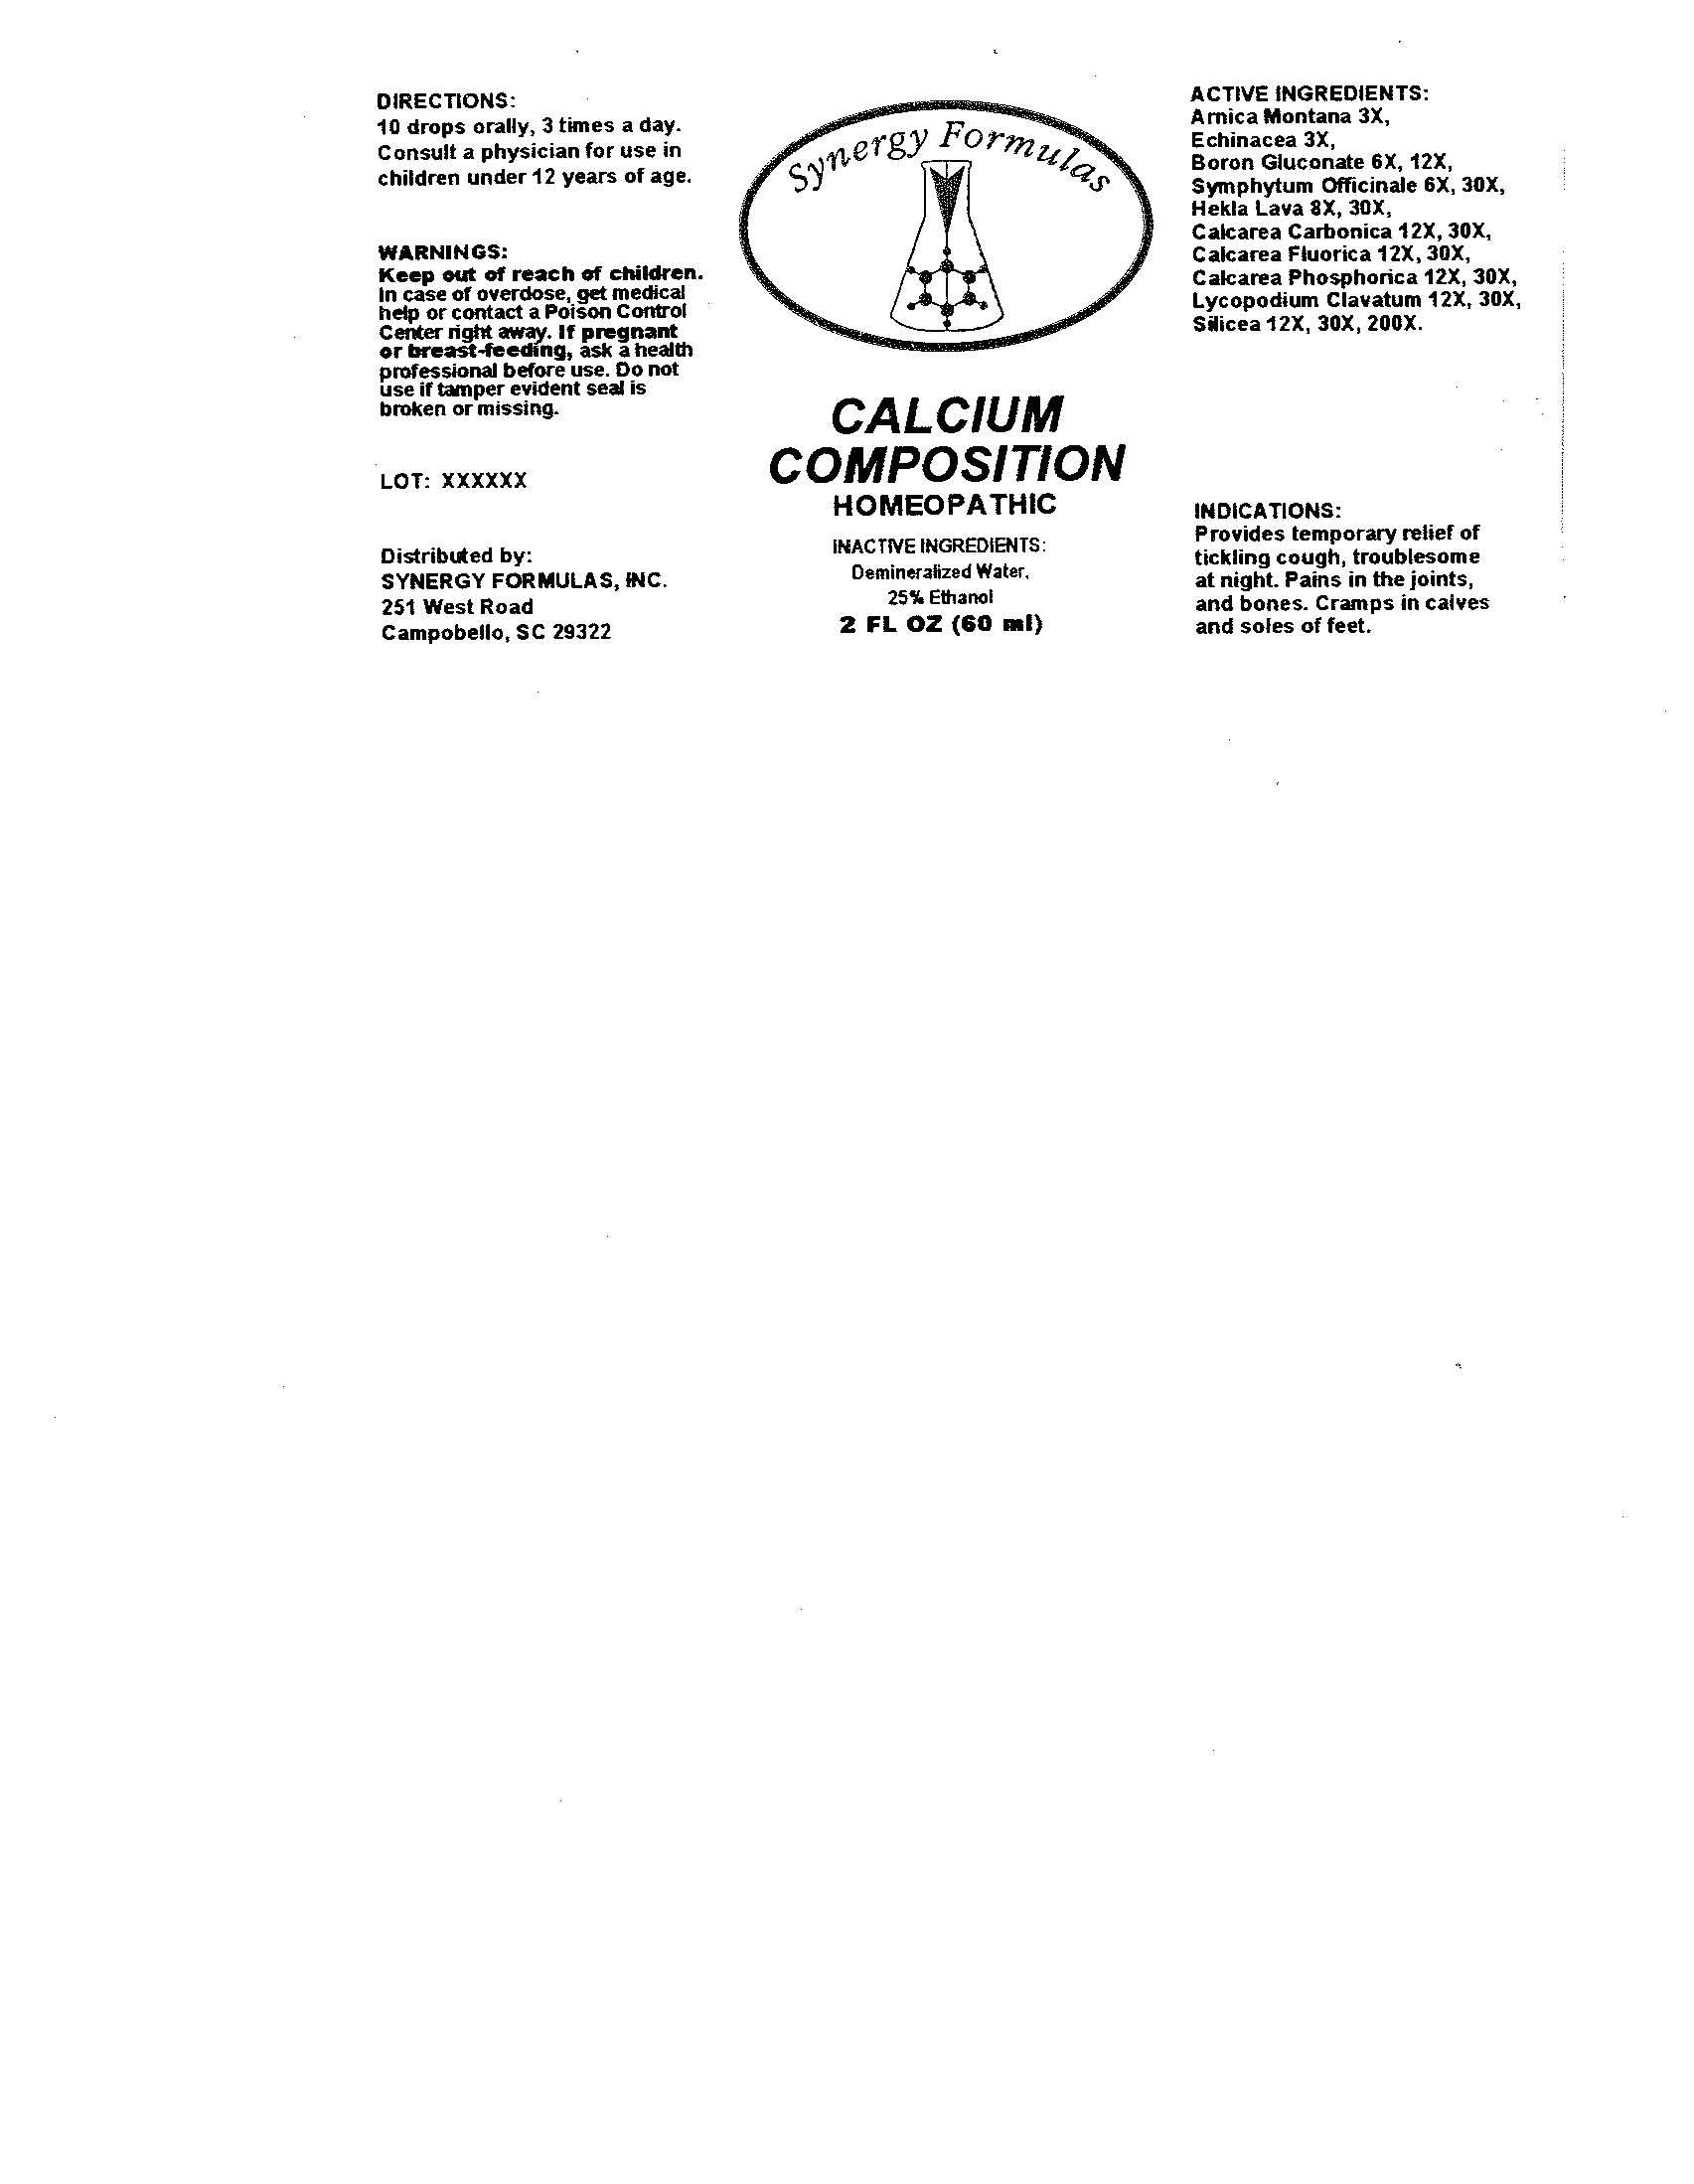 Calcium Composition